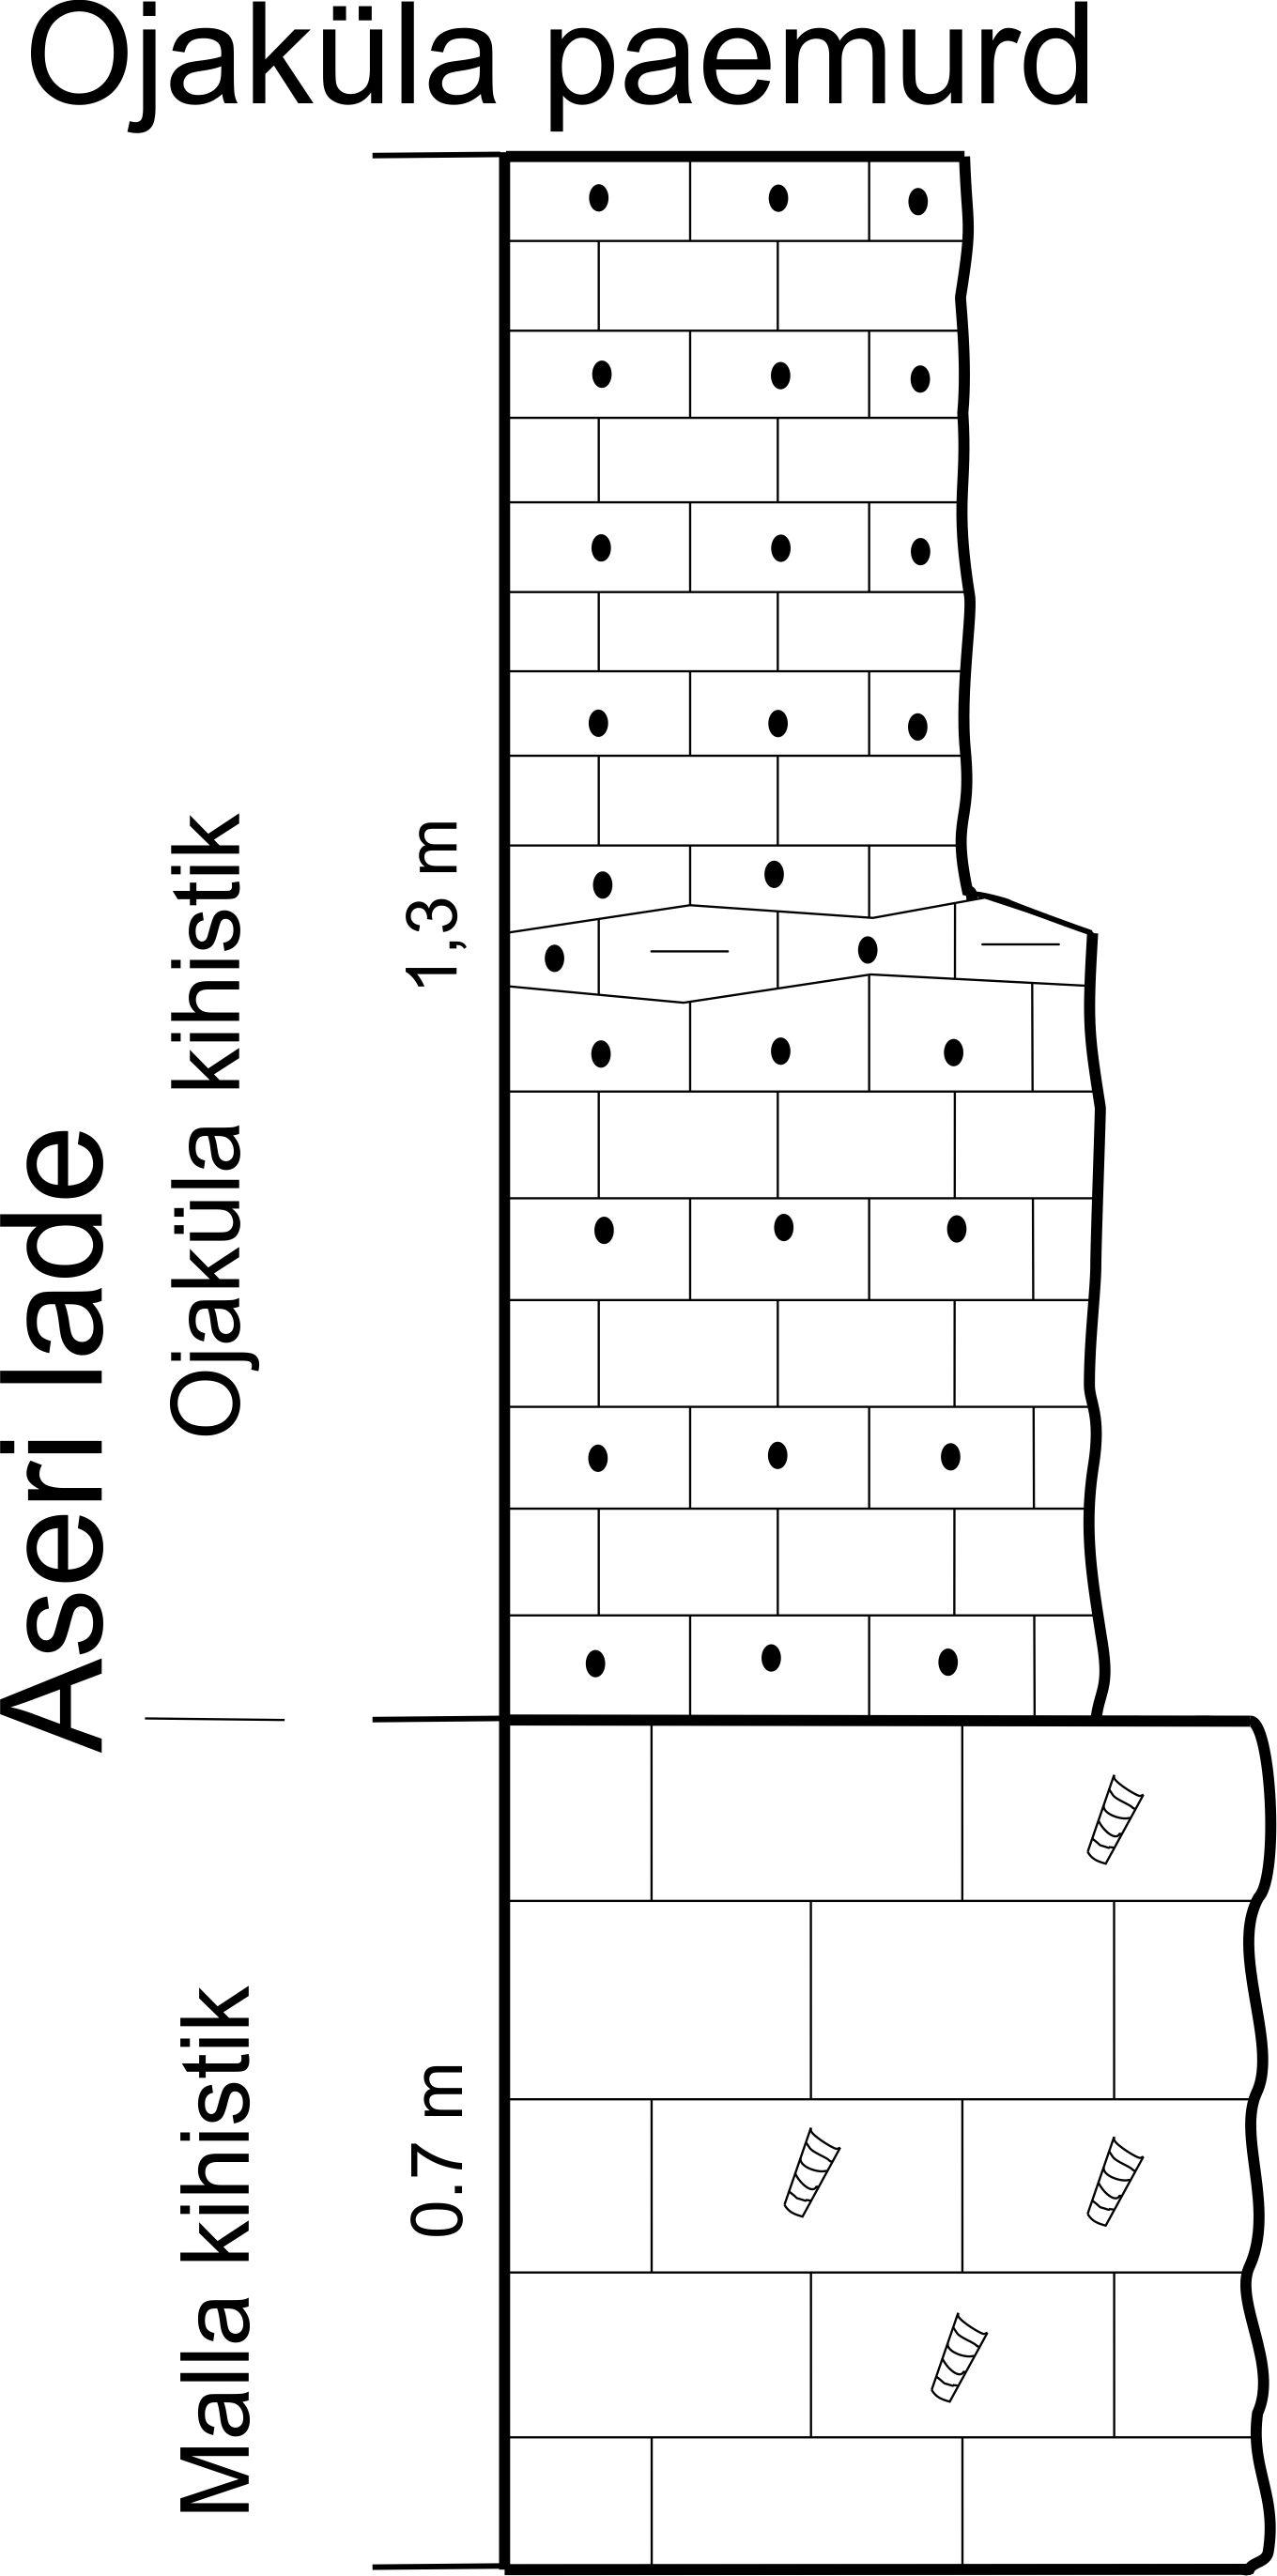 Ojaküla paemurru läbilõige, 2014. (joonis: Paiste T.)